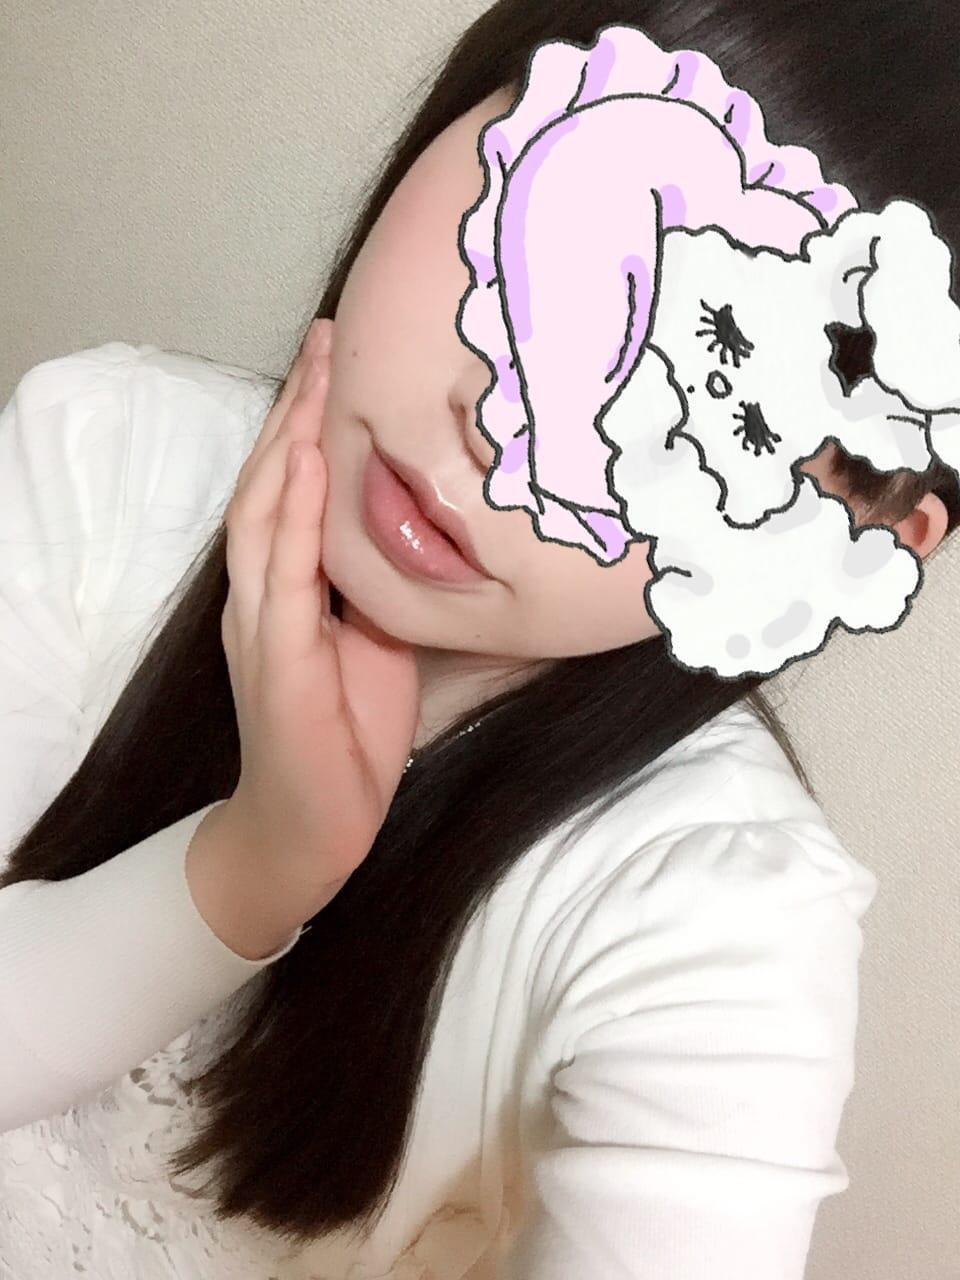 「こばとです☆」06/23(06/23) 18:12 | こばとの写メ・風俗動画